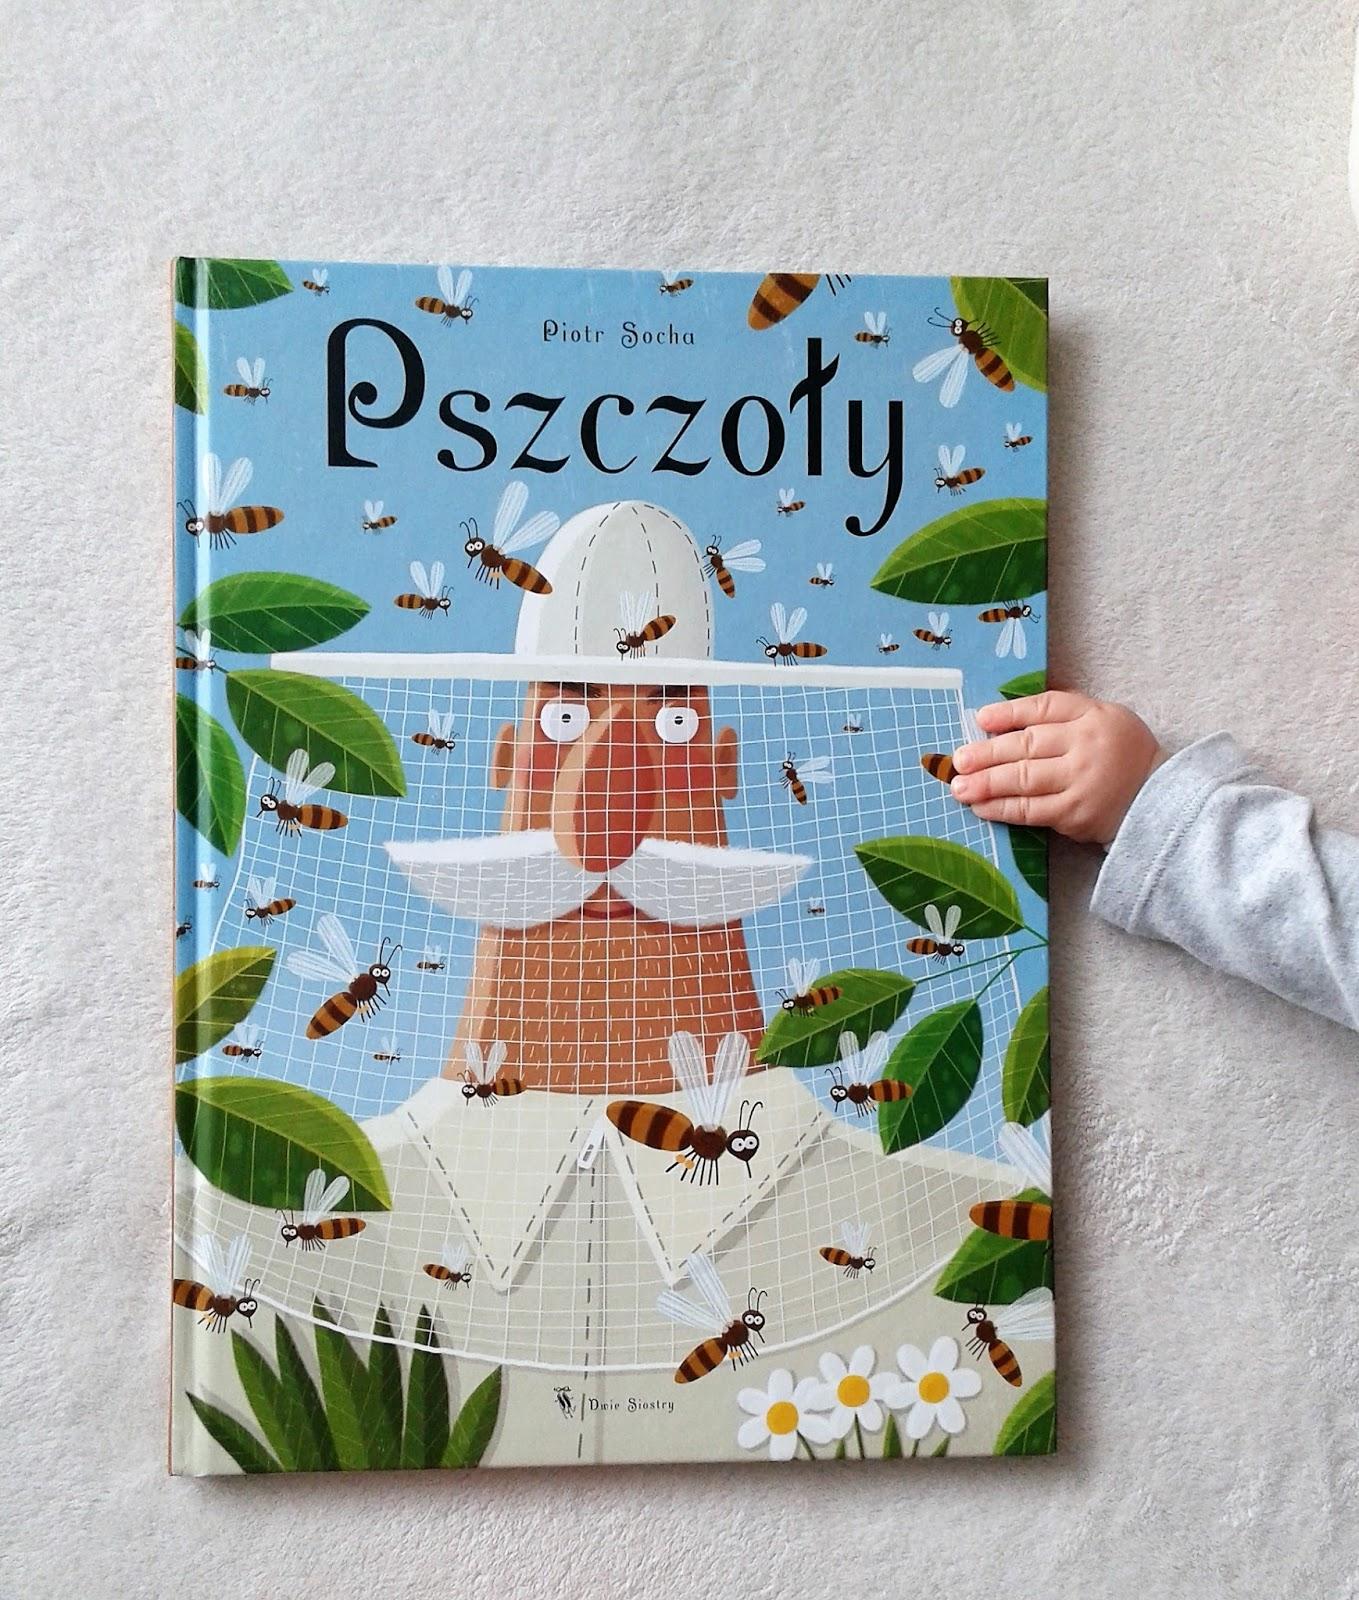 Album Pszczoły recenzja